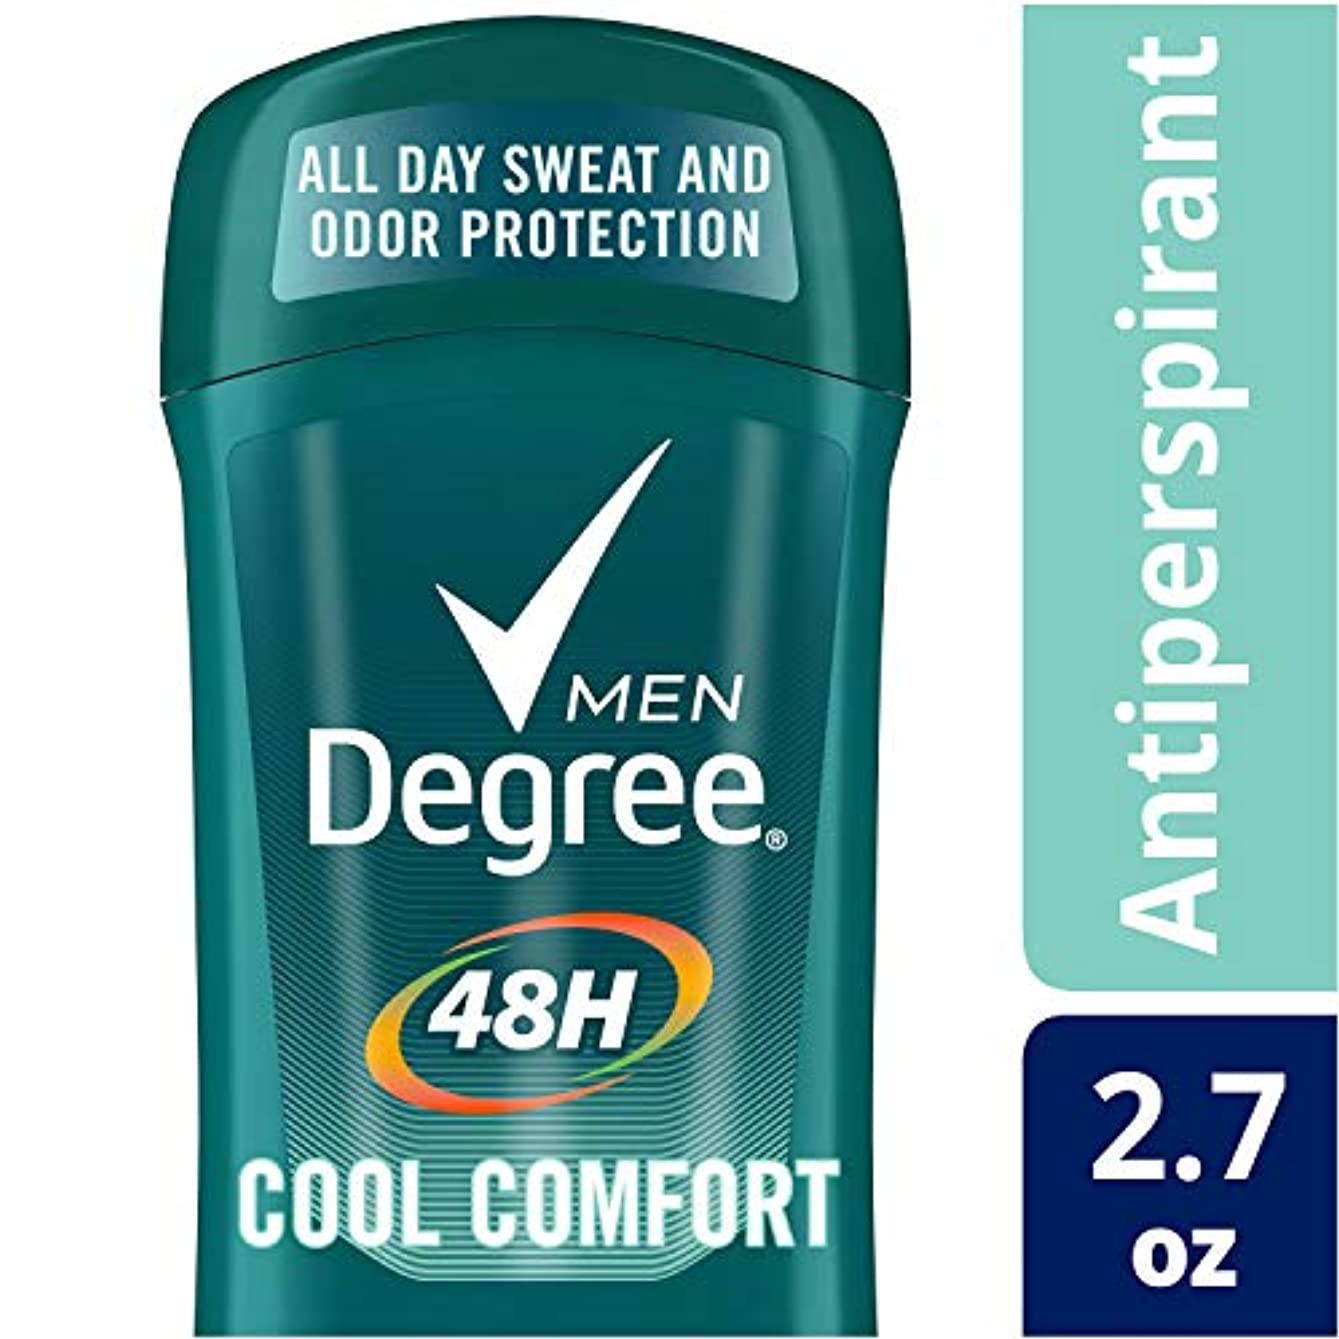 発見する区別光沢Cool Comfort Anti Perspirant Deodorant Stick (並行輸入品)